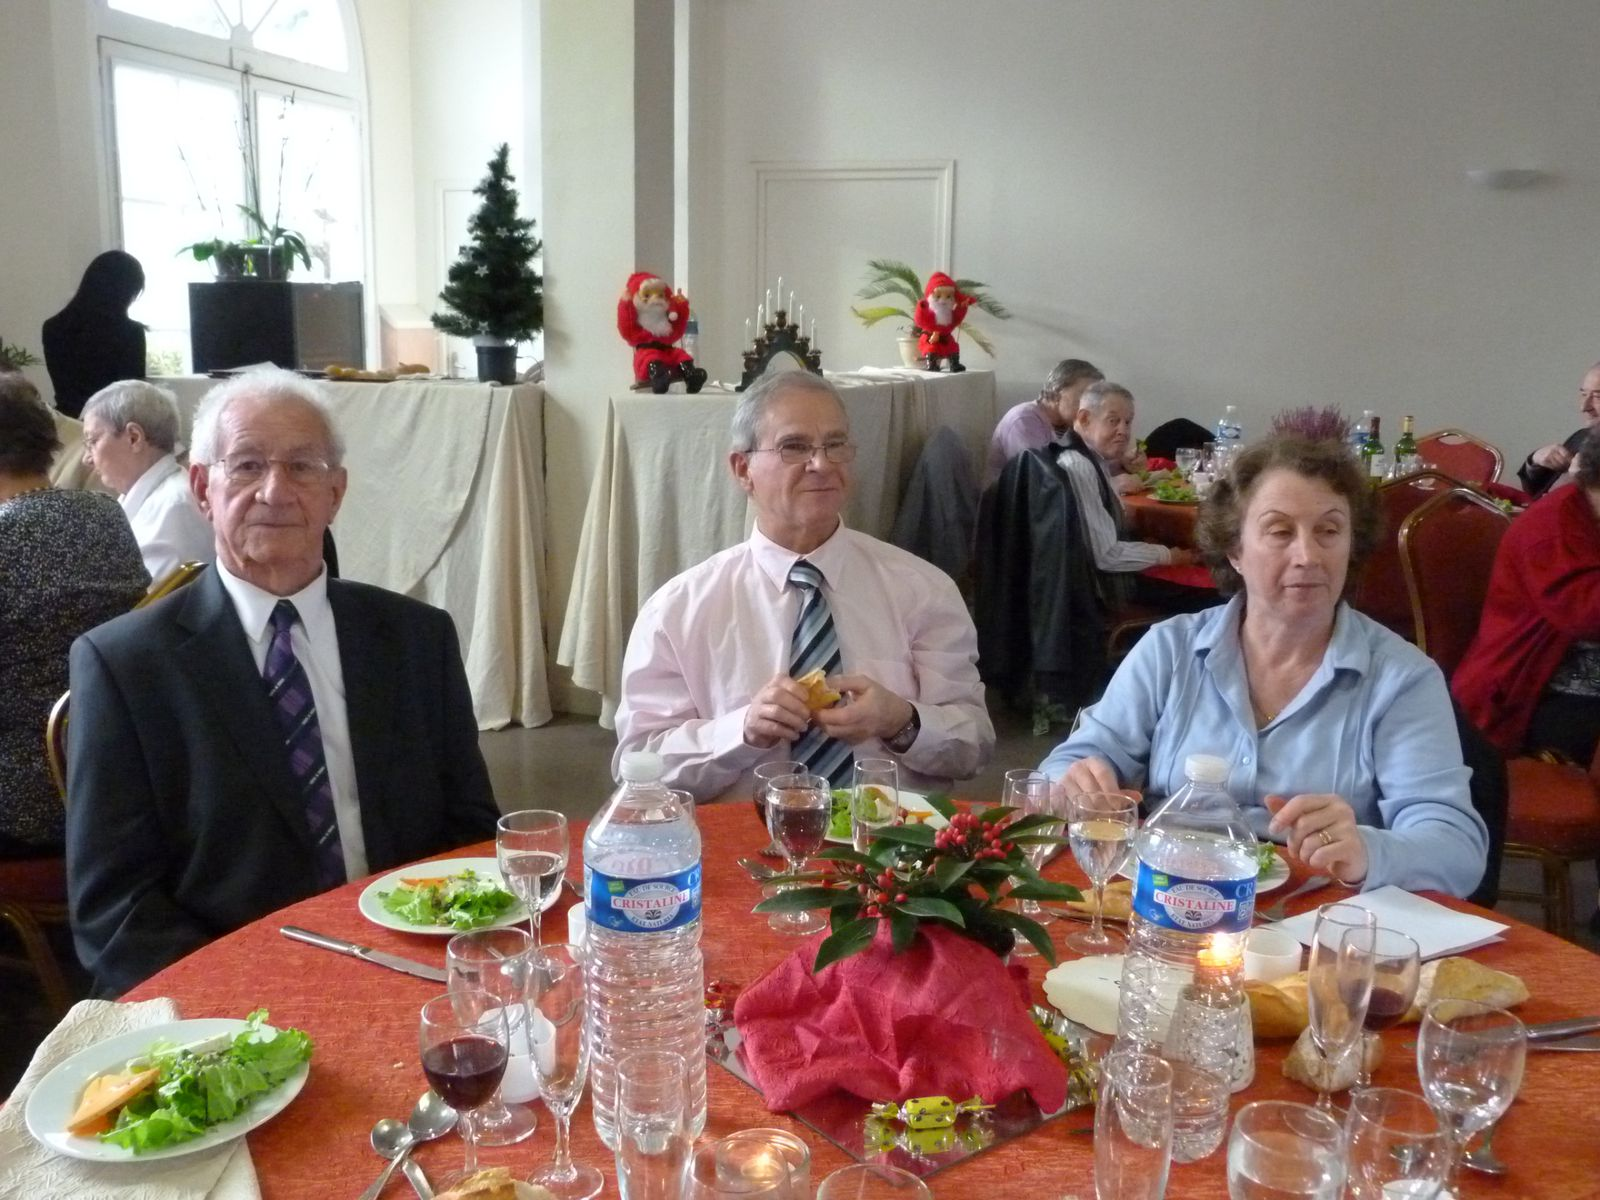 Album - Chantereine, l'Amicale des retraités de Chantereine, repas de fin d'année, 8 décembre 2013, (deuxiéme partie)